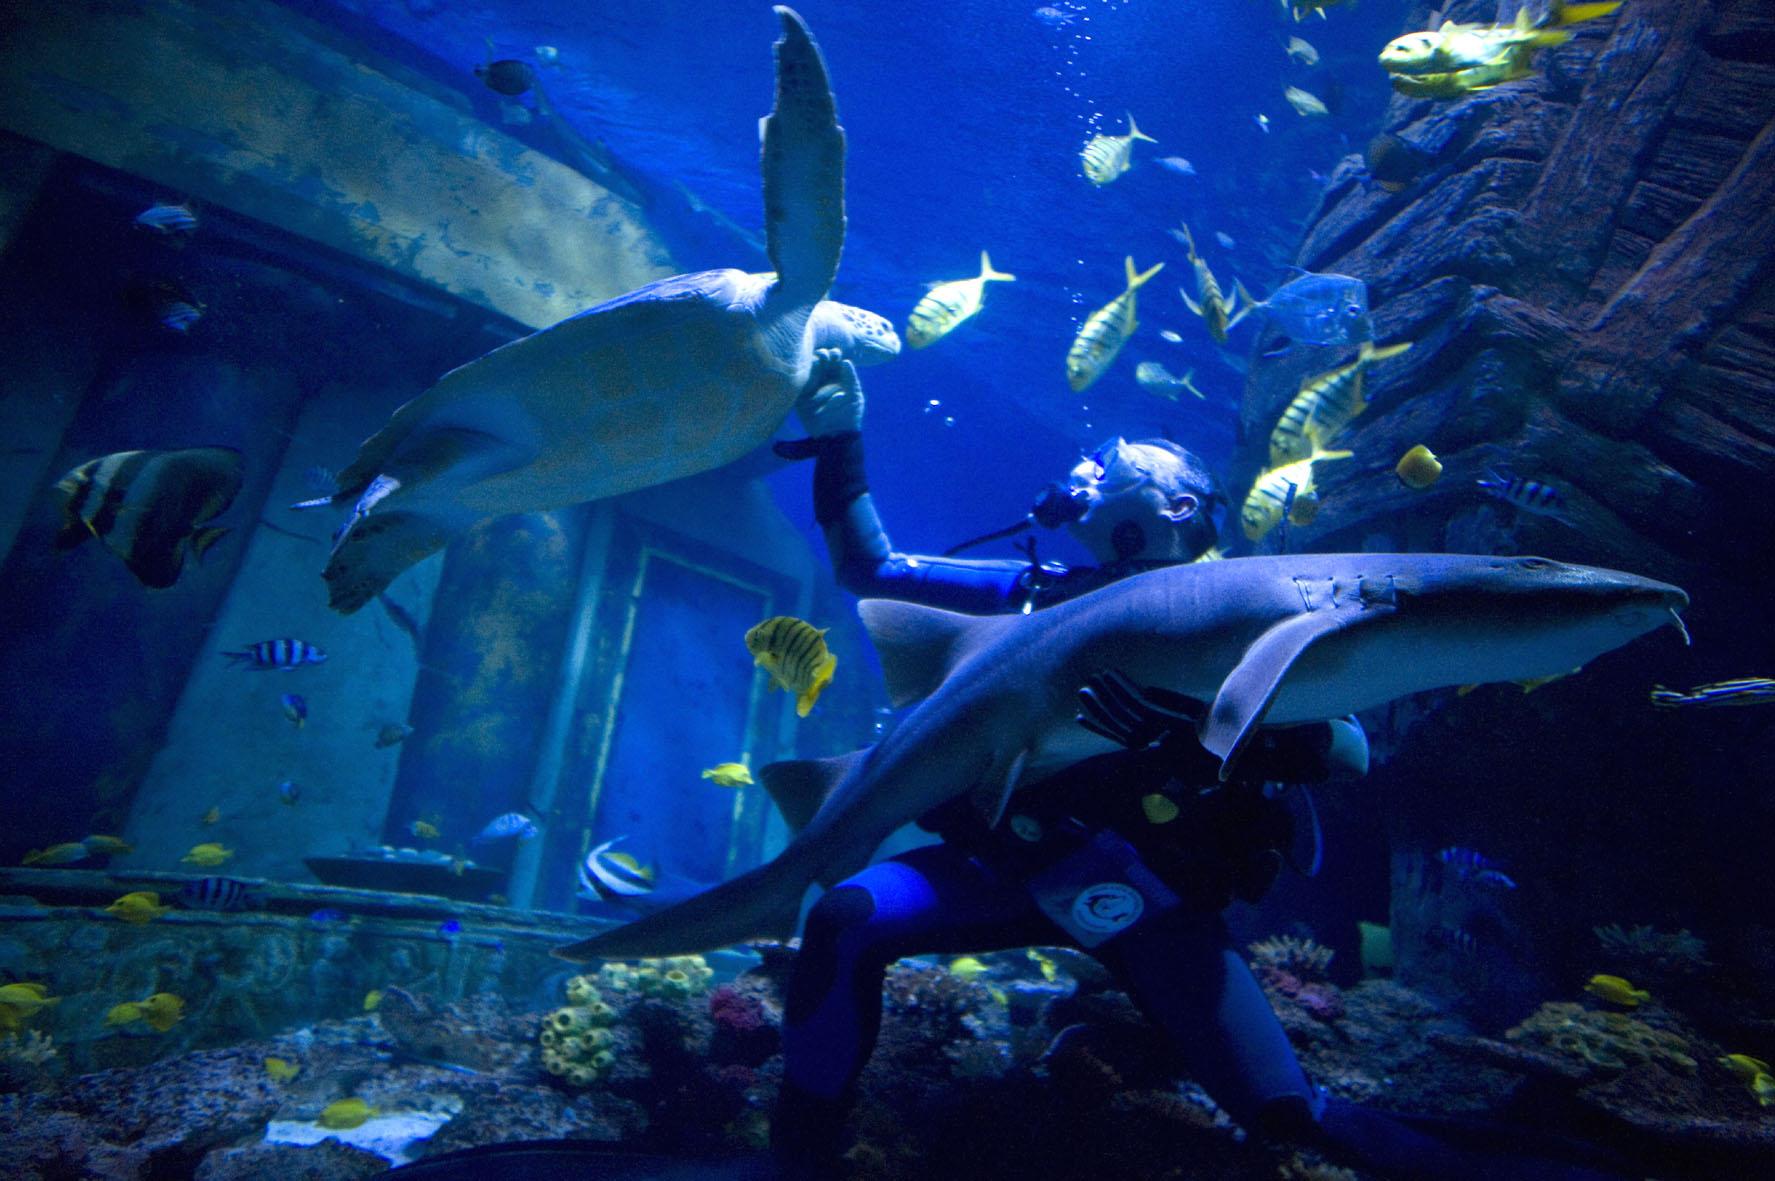 ... zwischen tauchleher und ammenhaiweibchen im sea life m?nchen sea